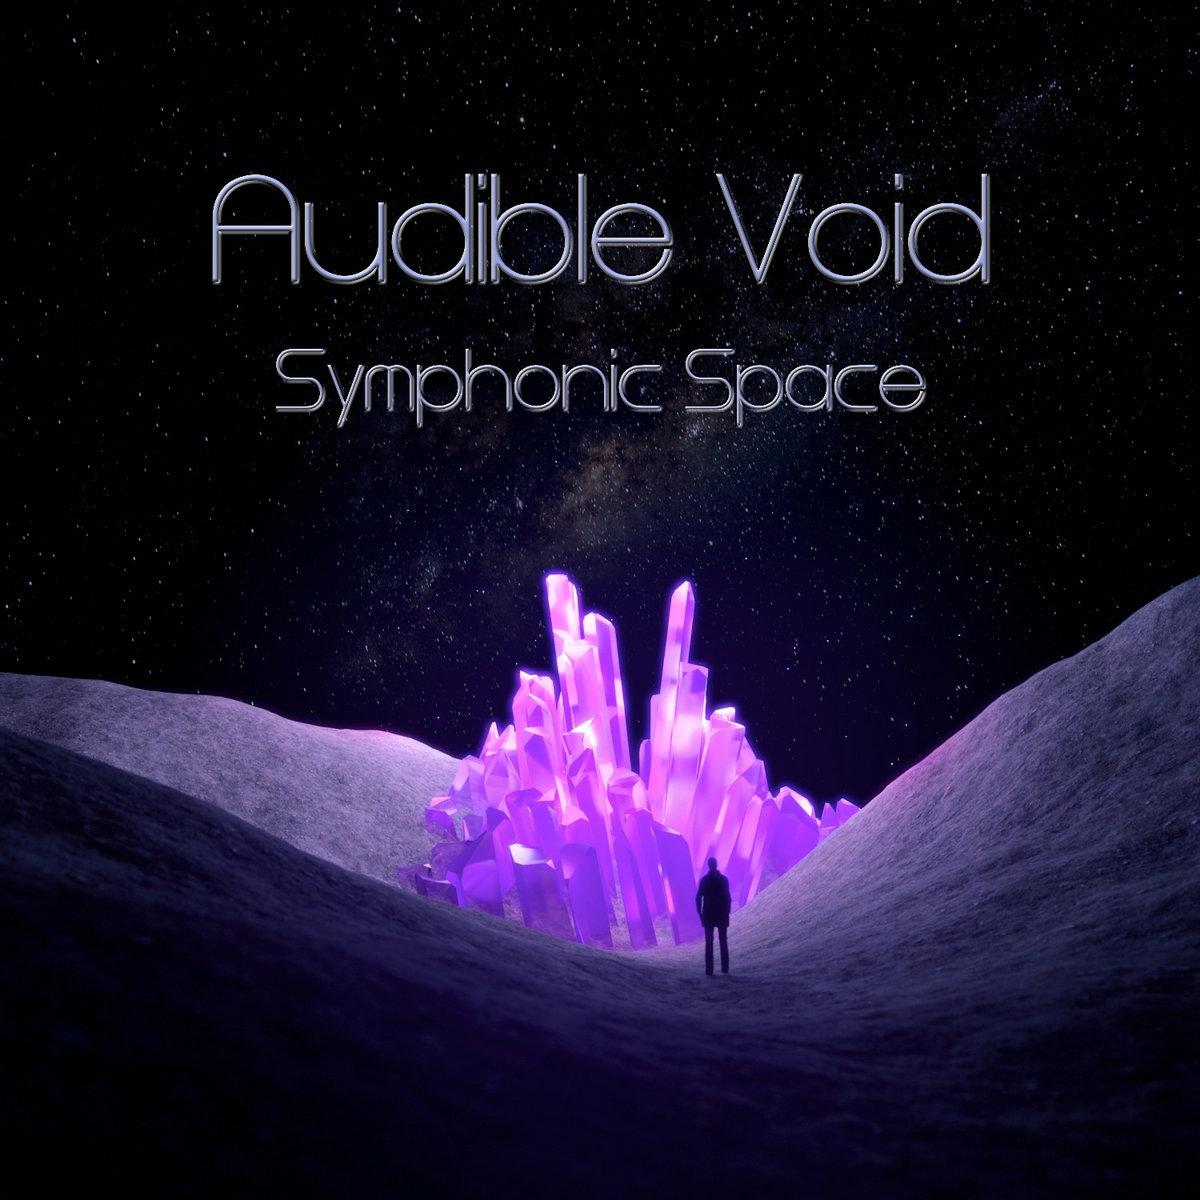 Symphonic Space | Audible Void